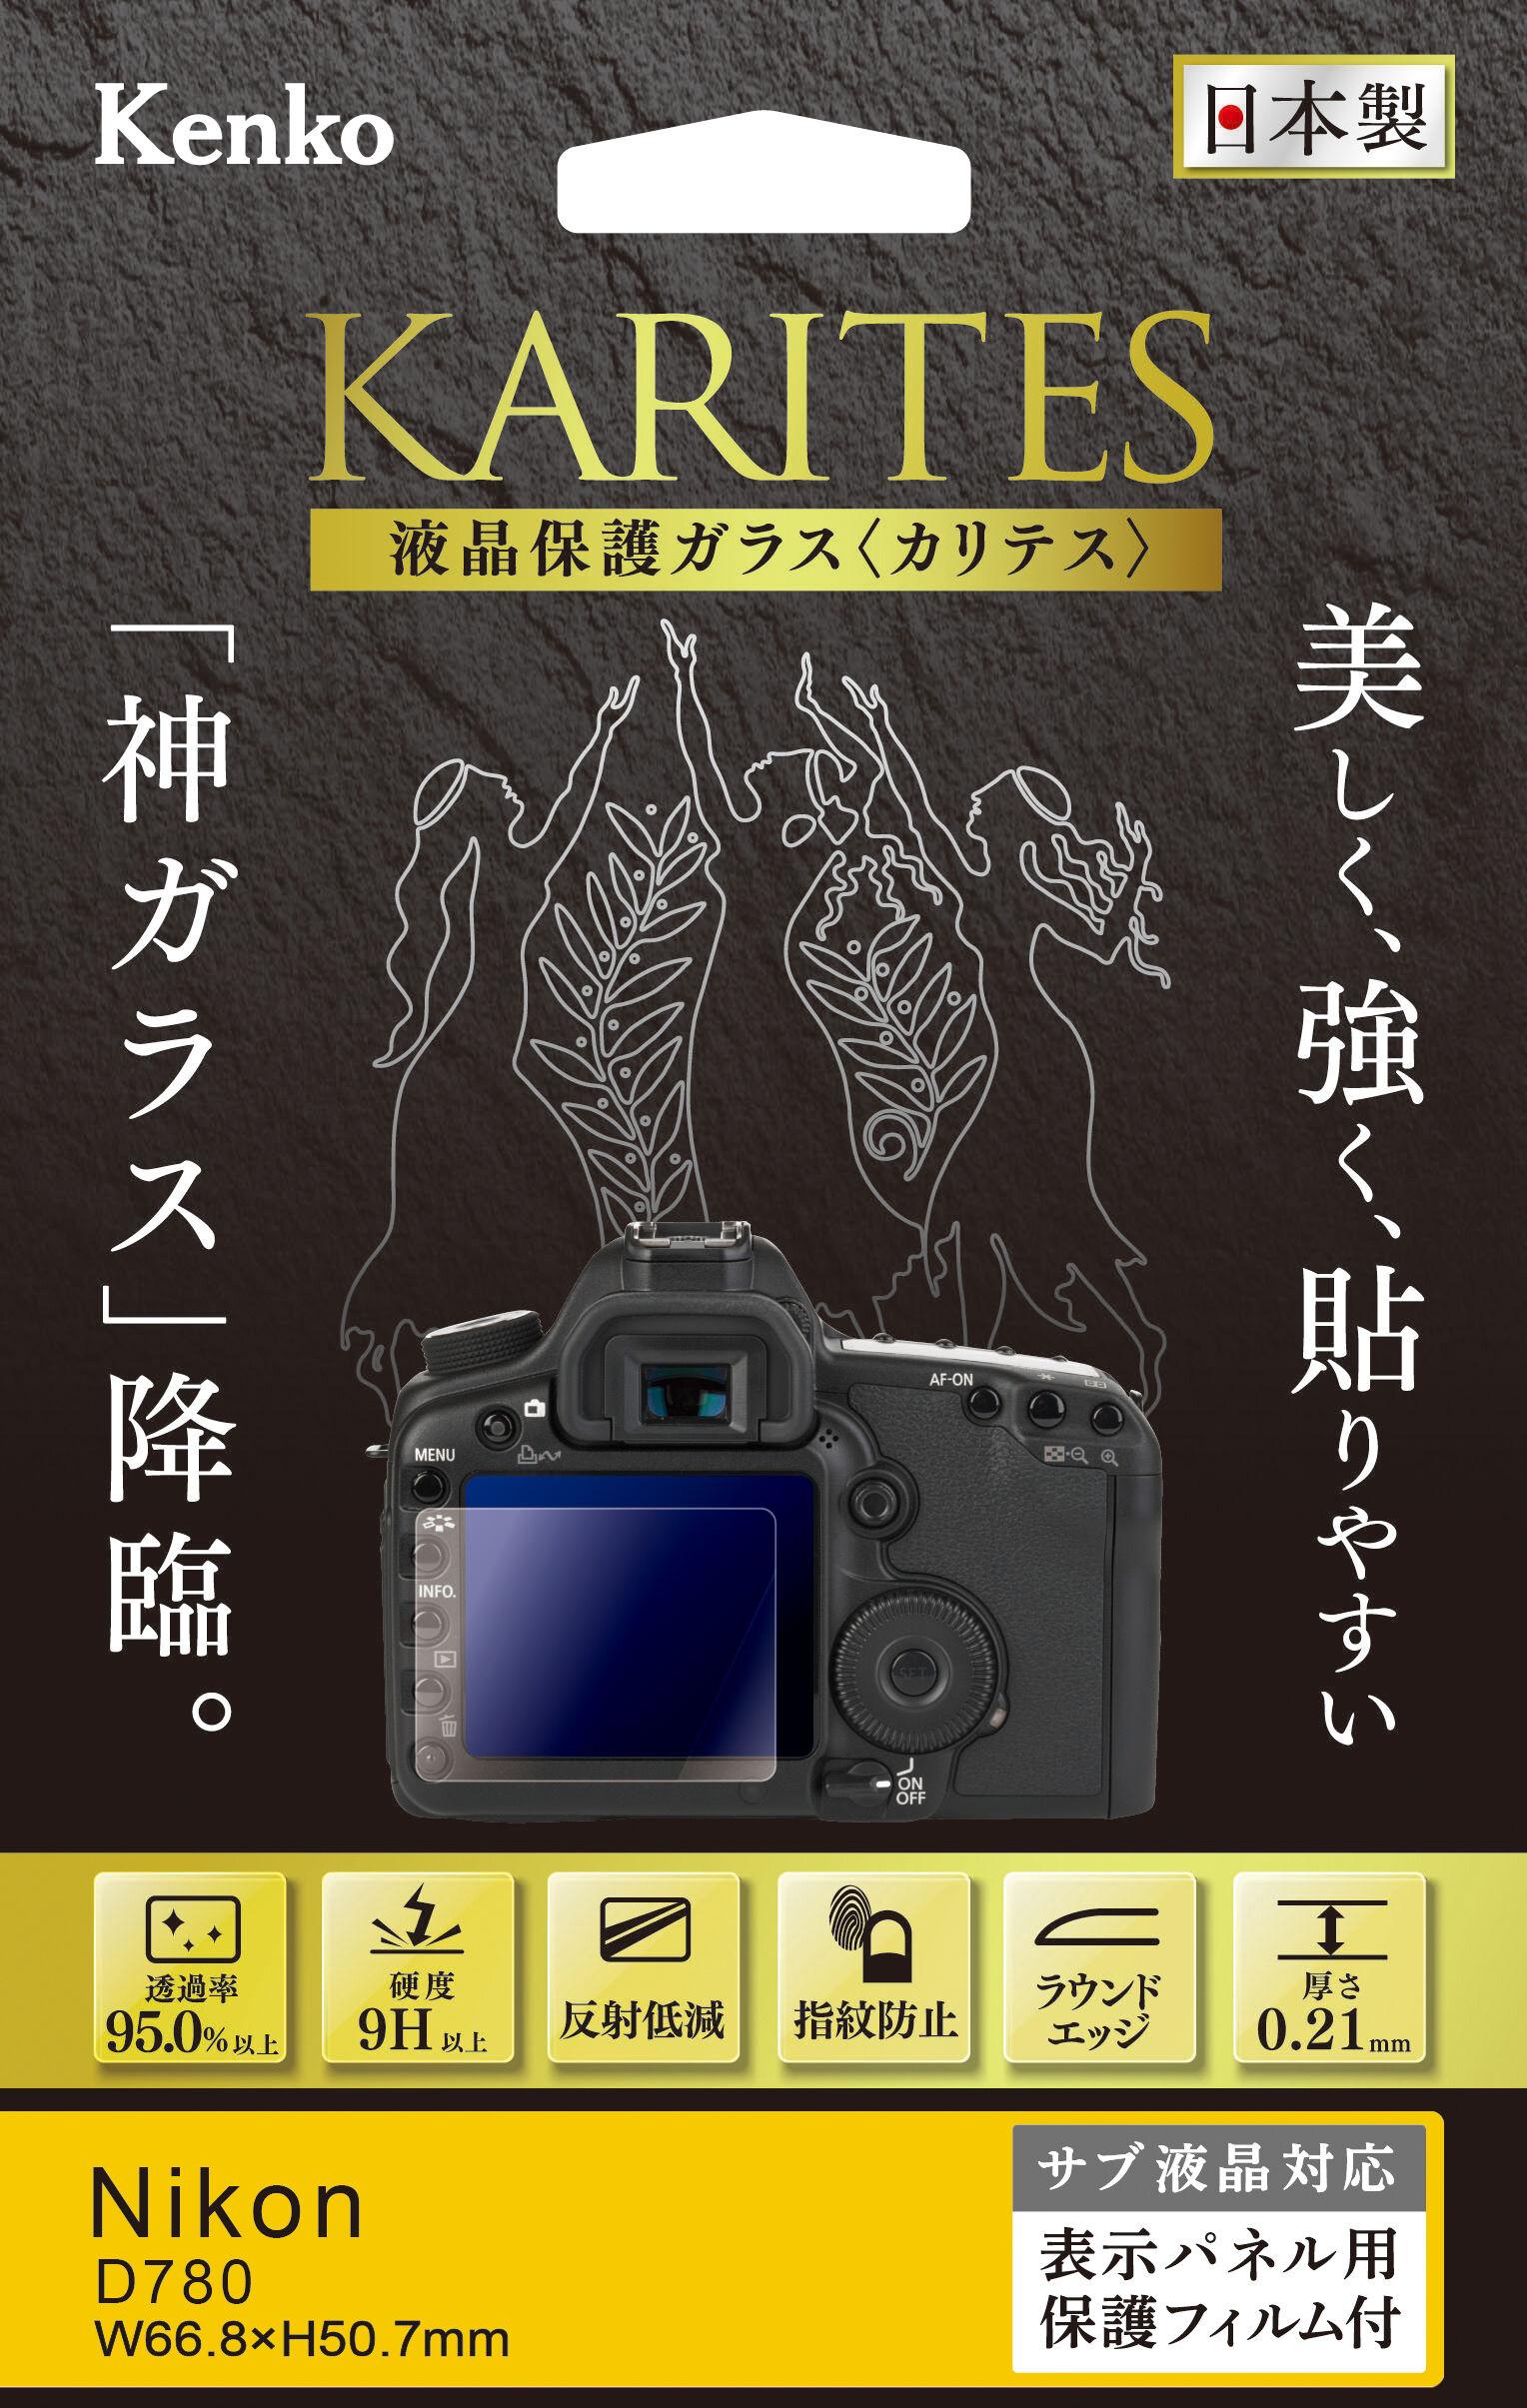 https://www.kenko-tokina.co.jp/imaging/eq/mt-images/4961607879559.jpg